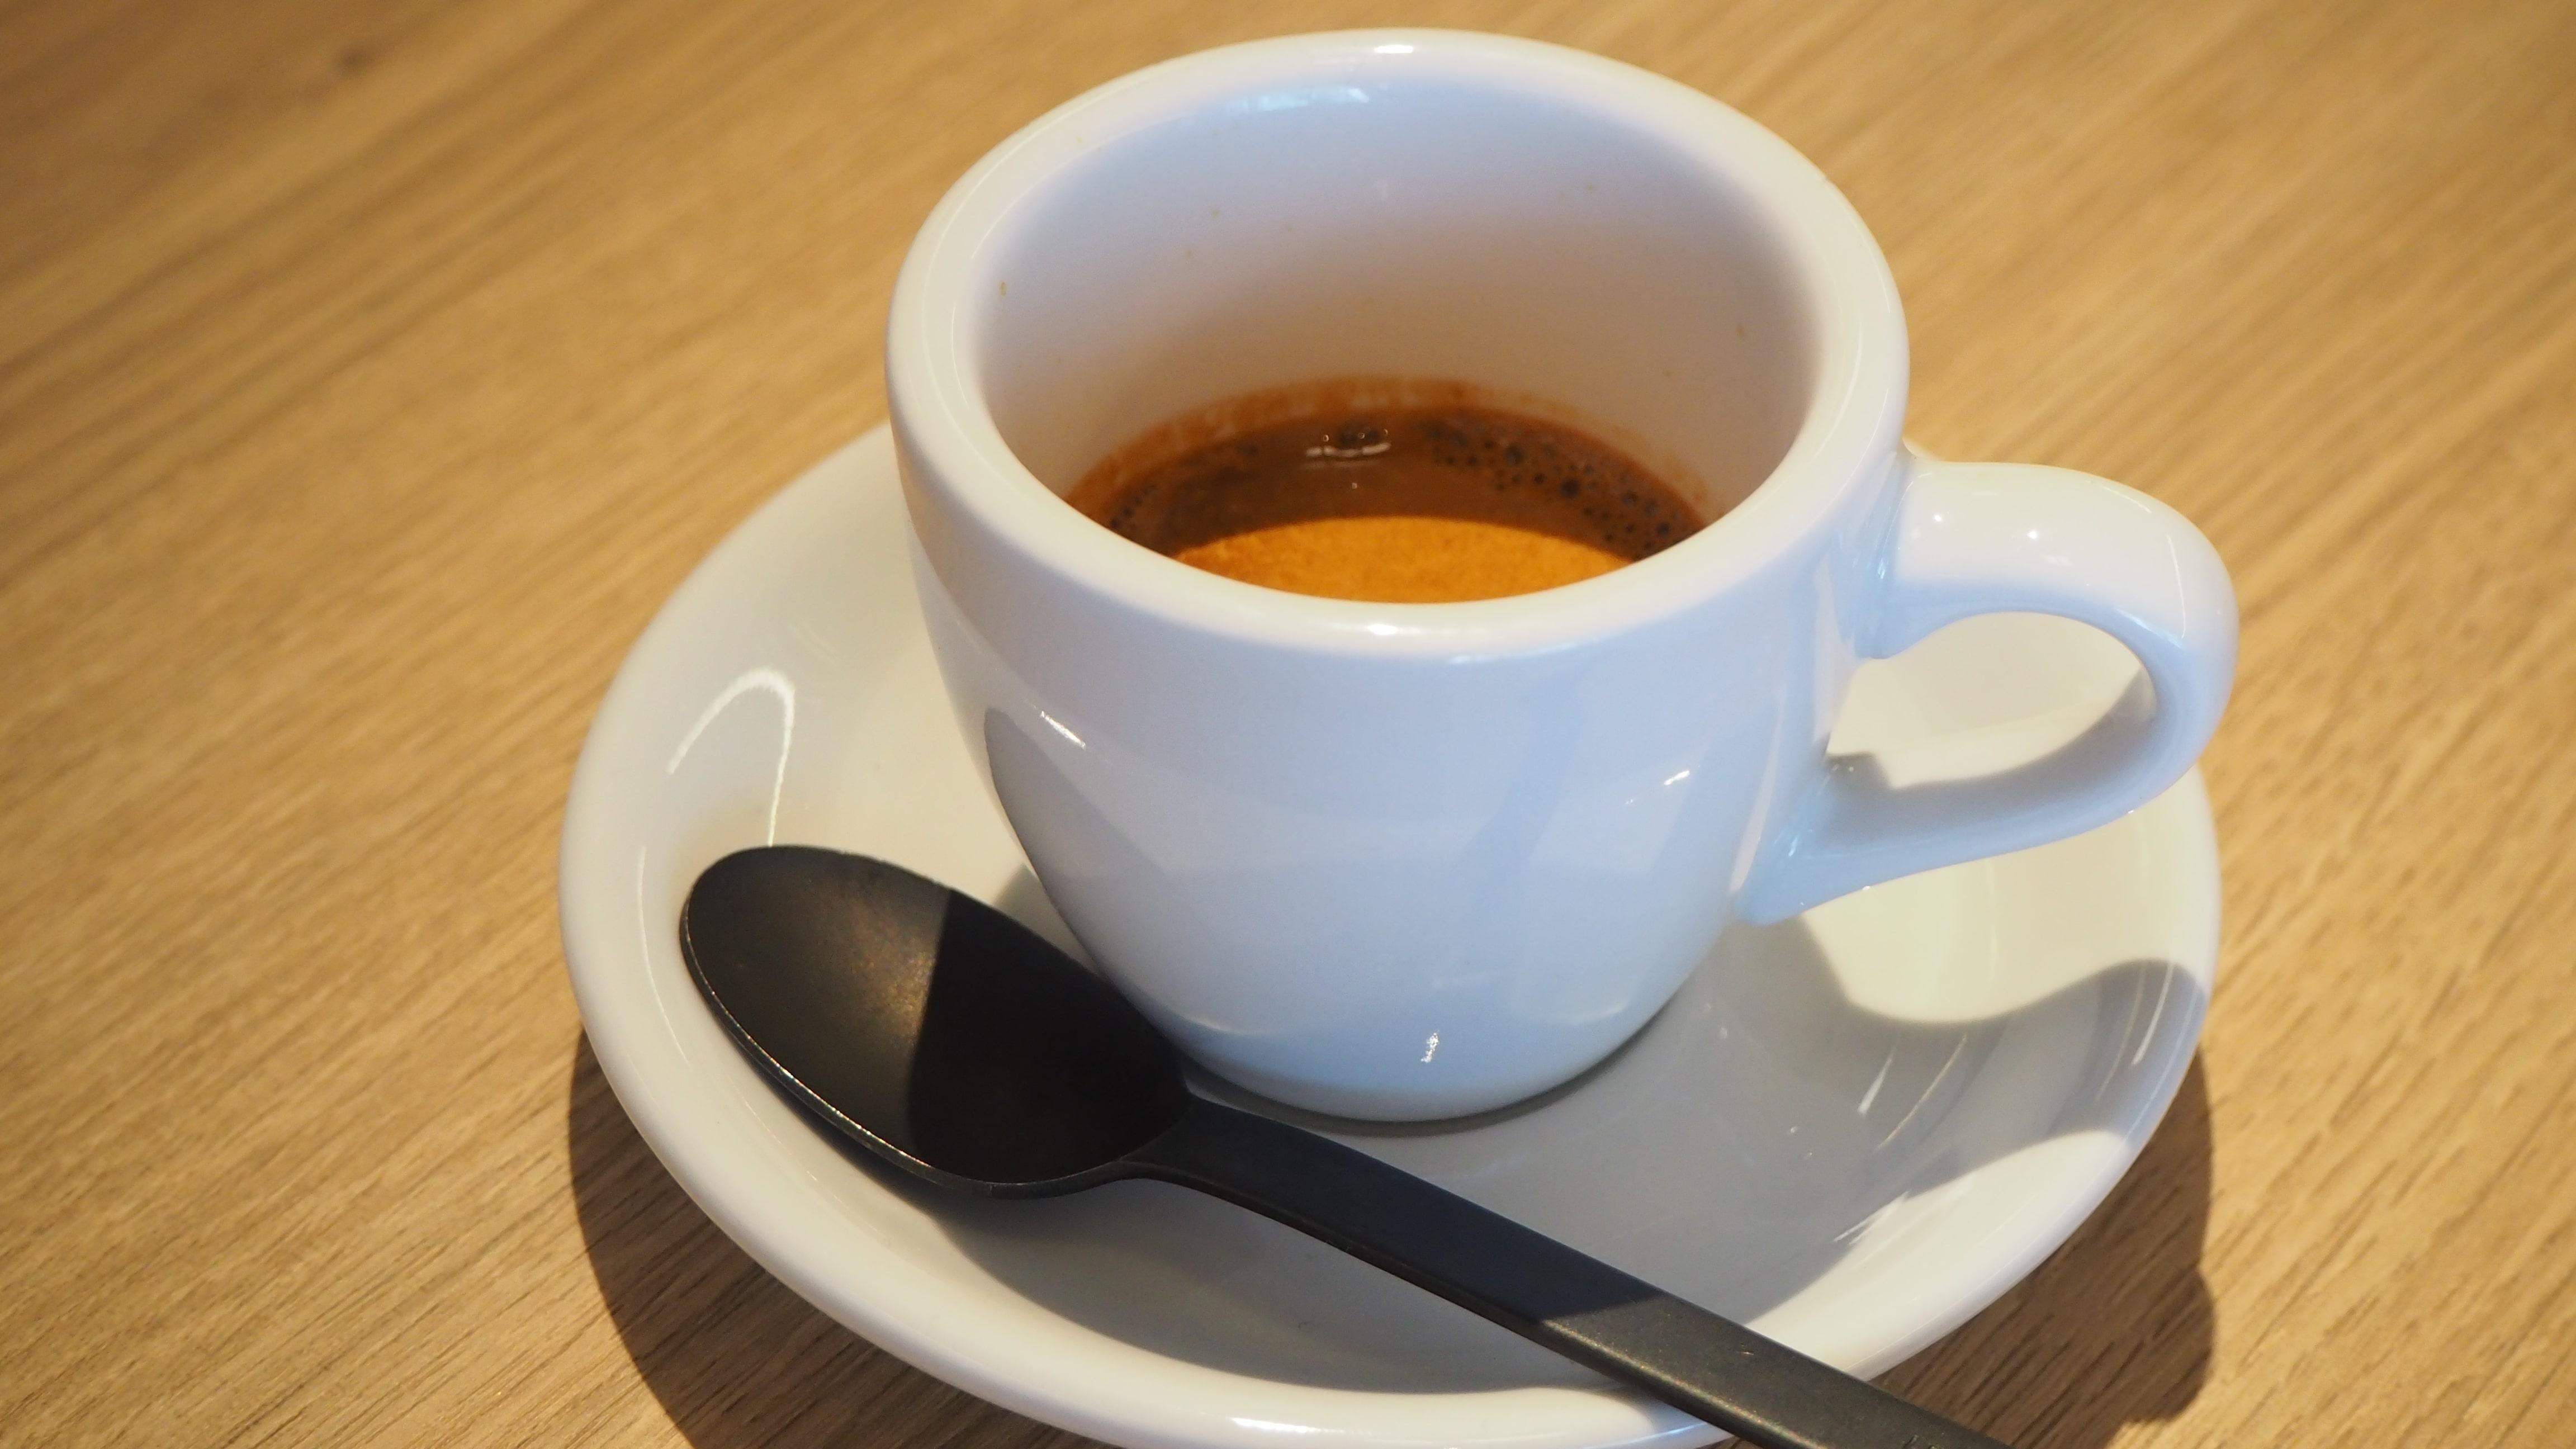 京都発スペシャルティコーヒー専門店「Unir(ウニール )」で上質なひとときを - unir7